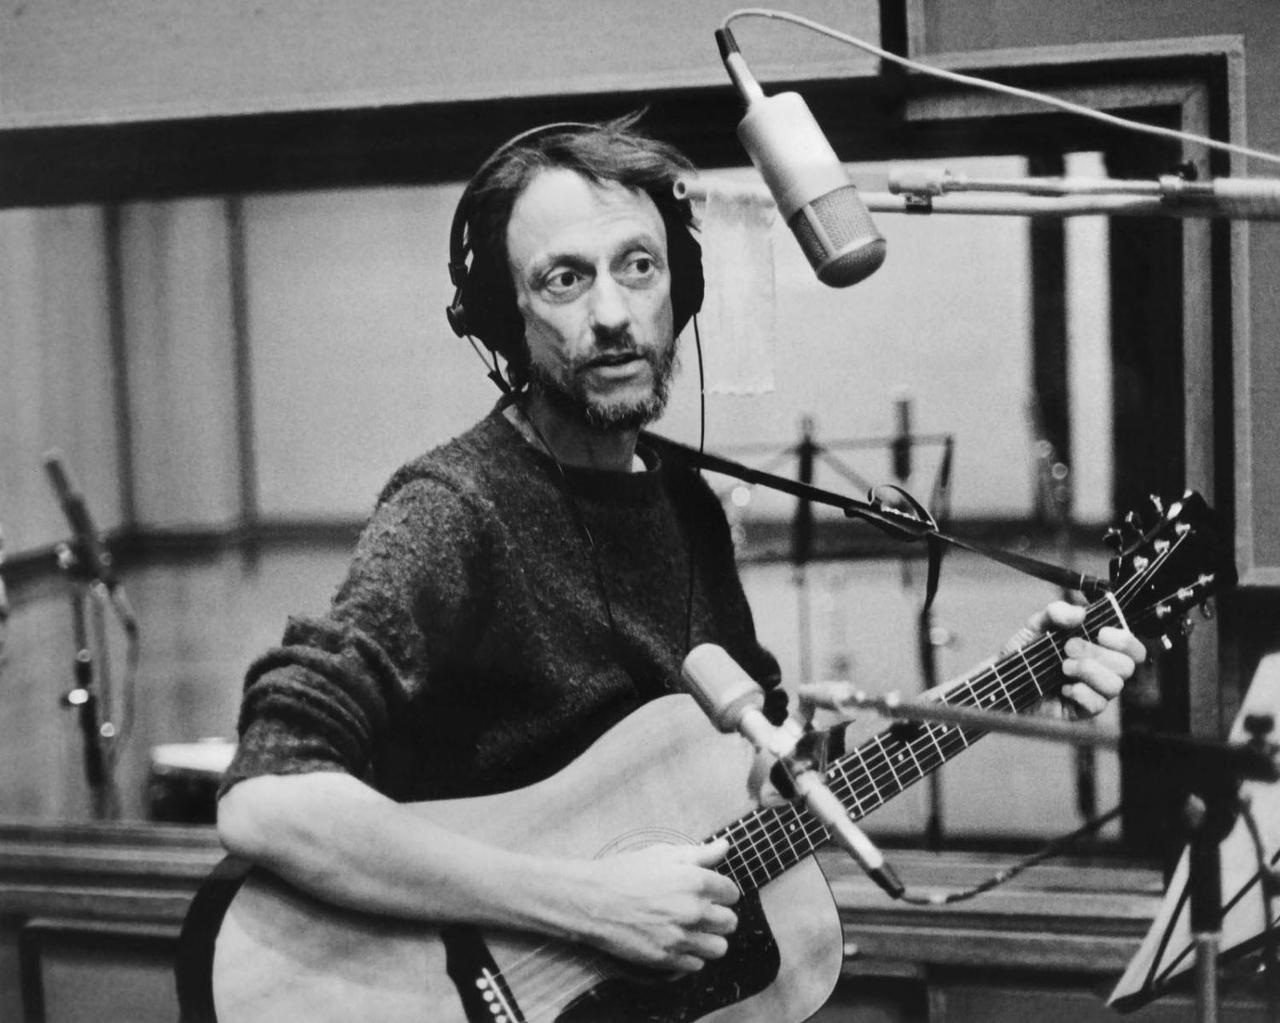 Carnet noir :Le chanteur folk Graeme Allwright est décédé